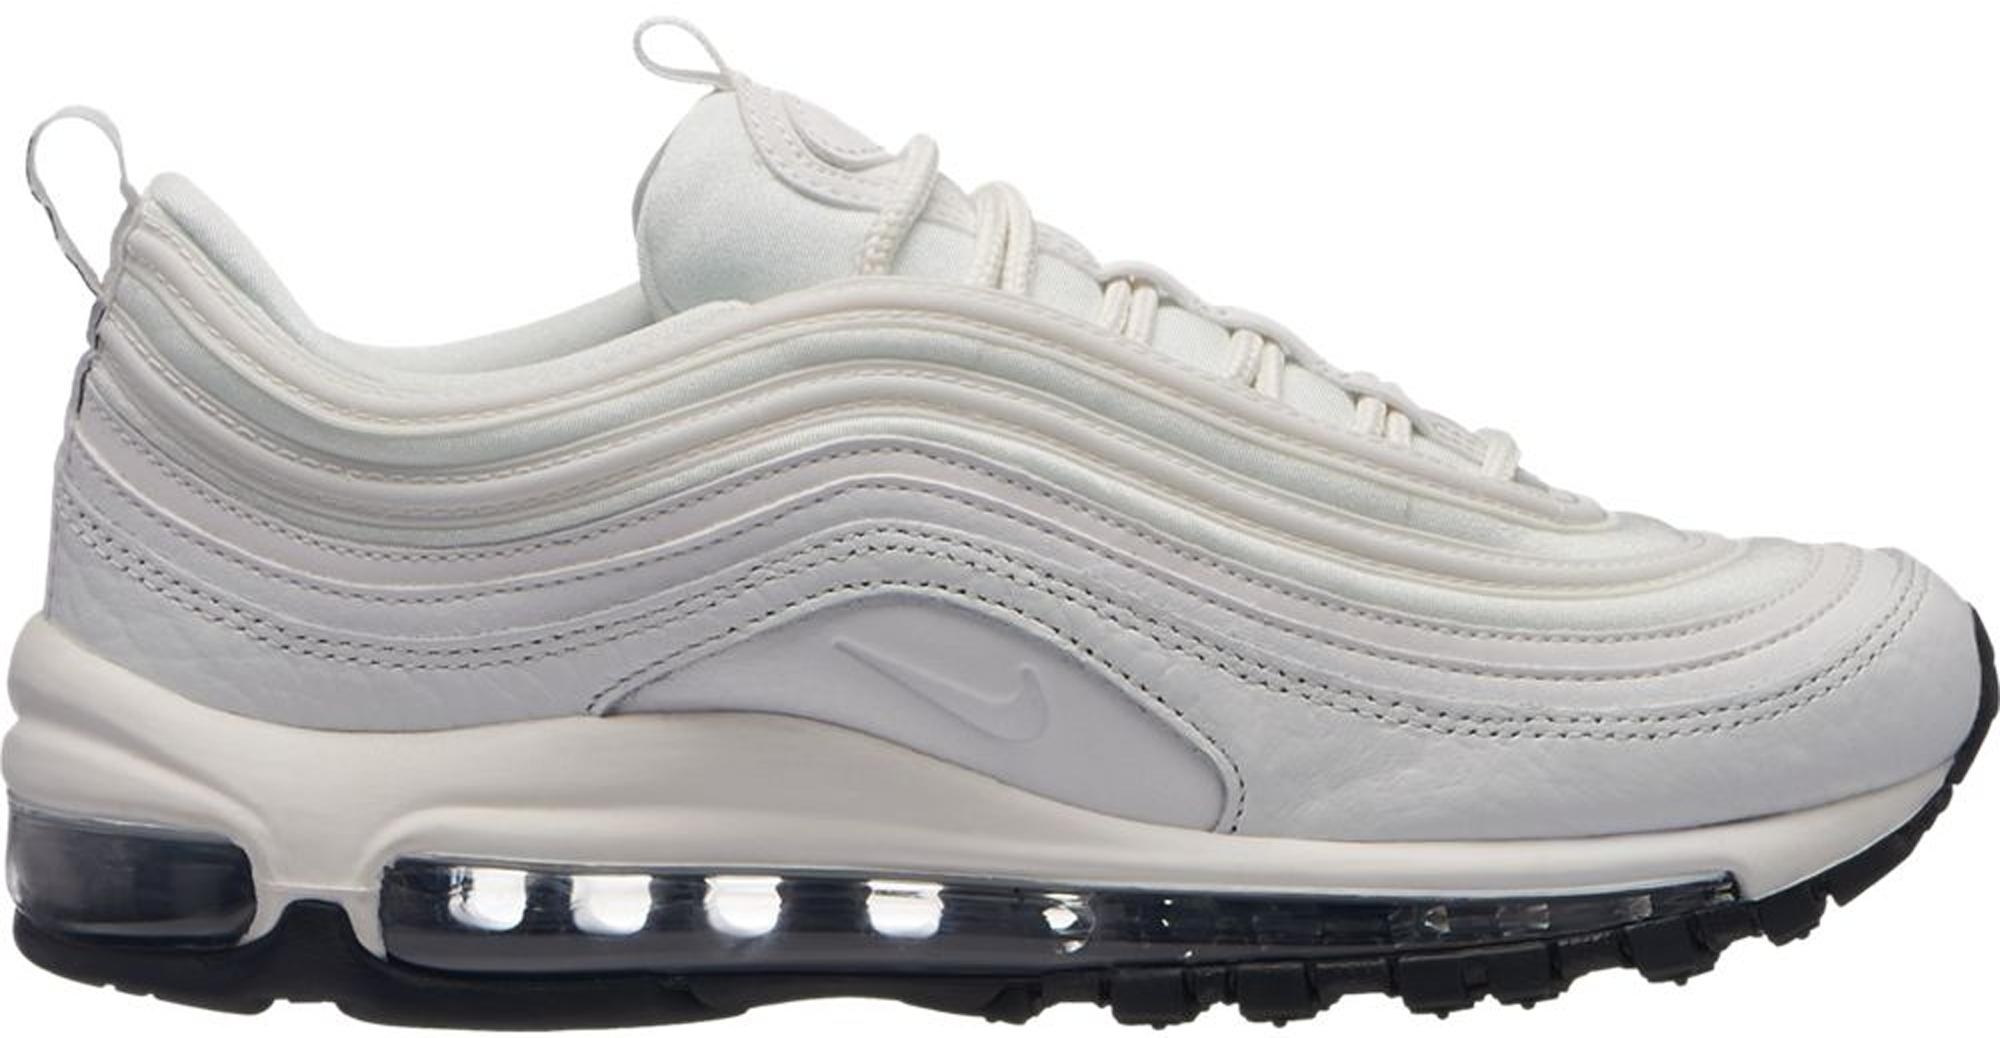 Nike Air Max 97 Summit White (W